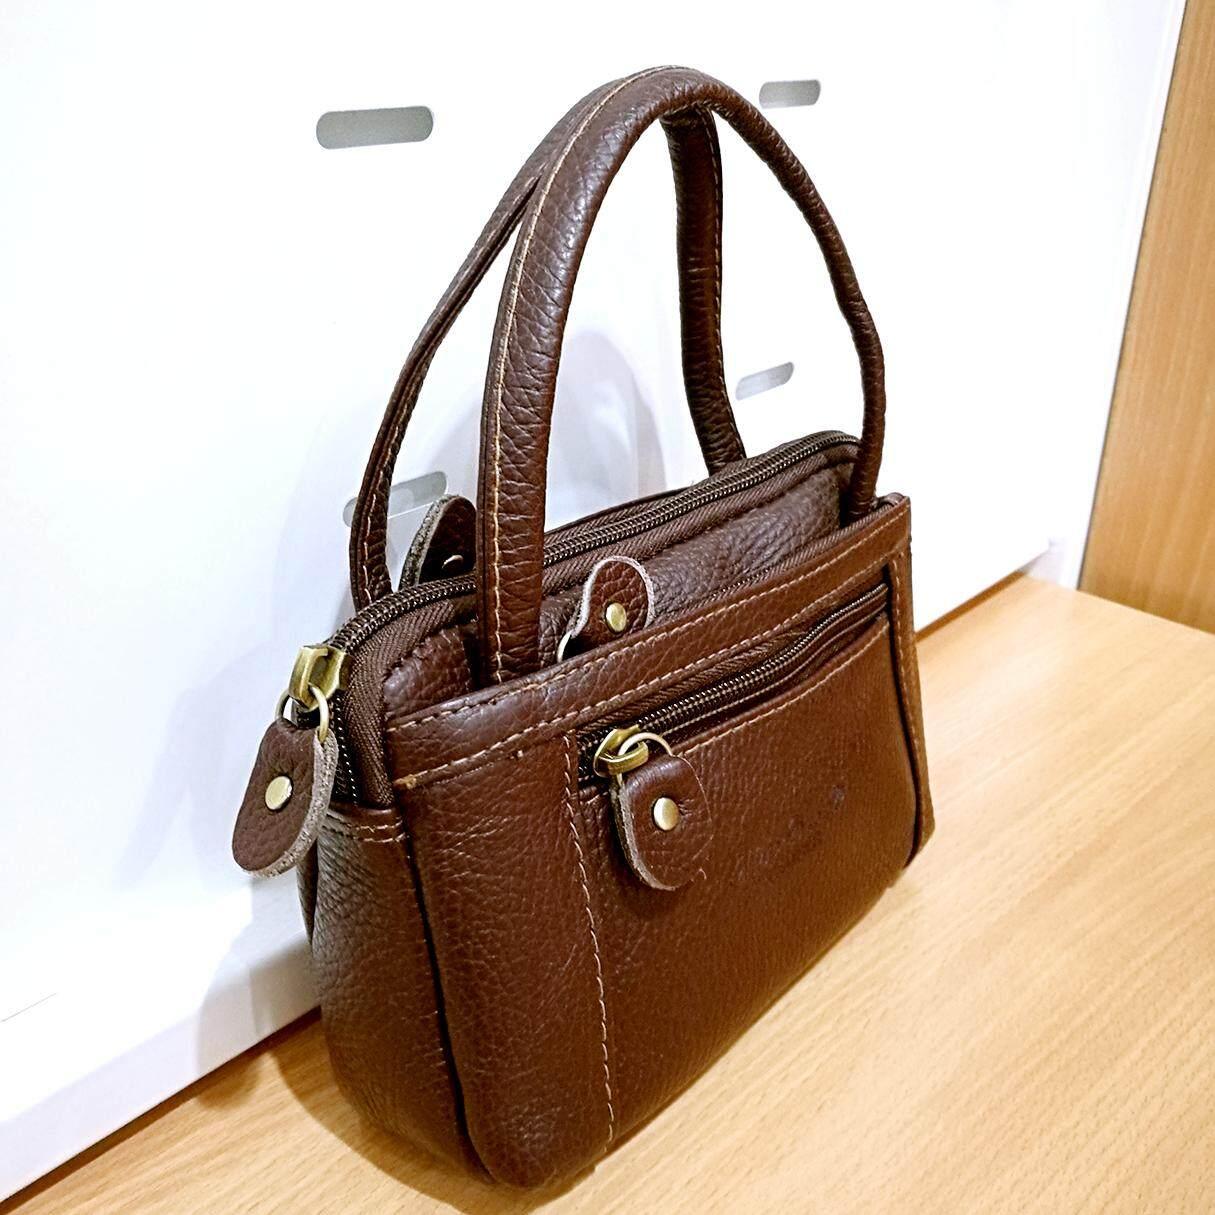 Leather Inc กระเป๋าถือผู้หญิงแบบมีหูหิ้ว ใส่มือถือใส่เงิน หนังแท้ หนังแท้ รุ่น Bs012-1.